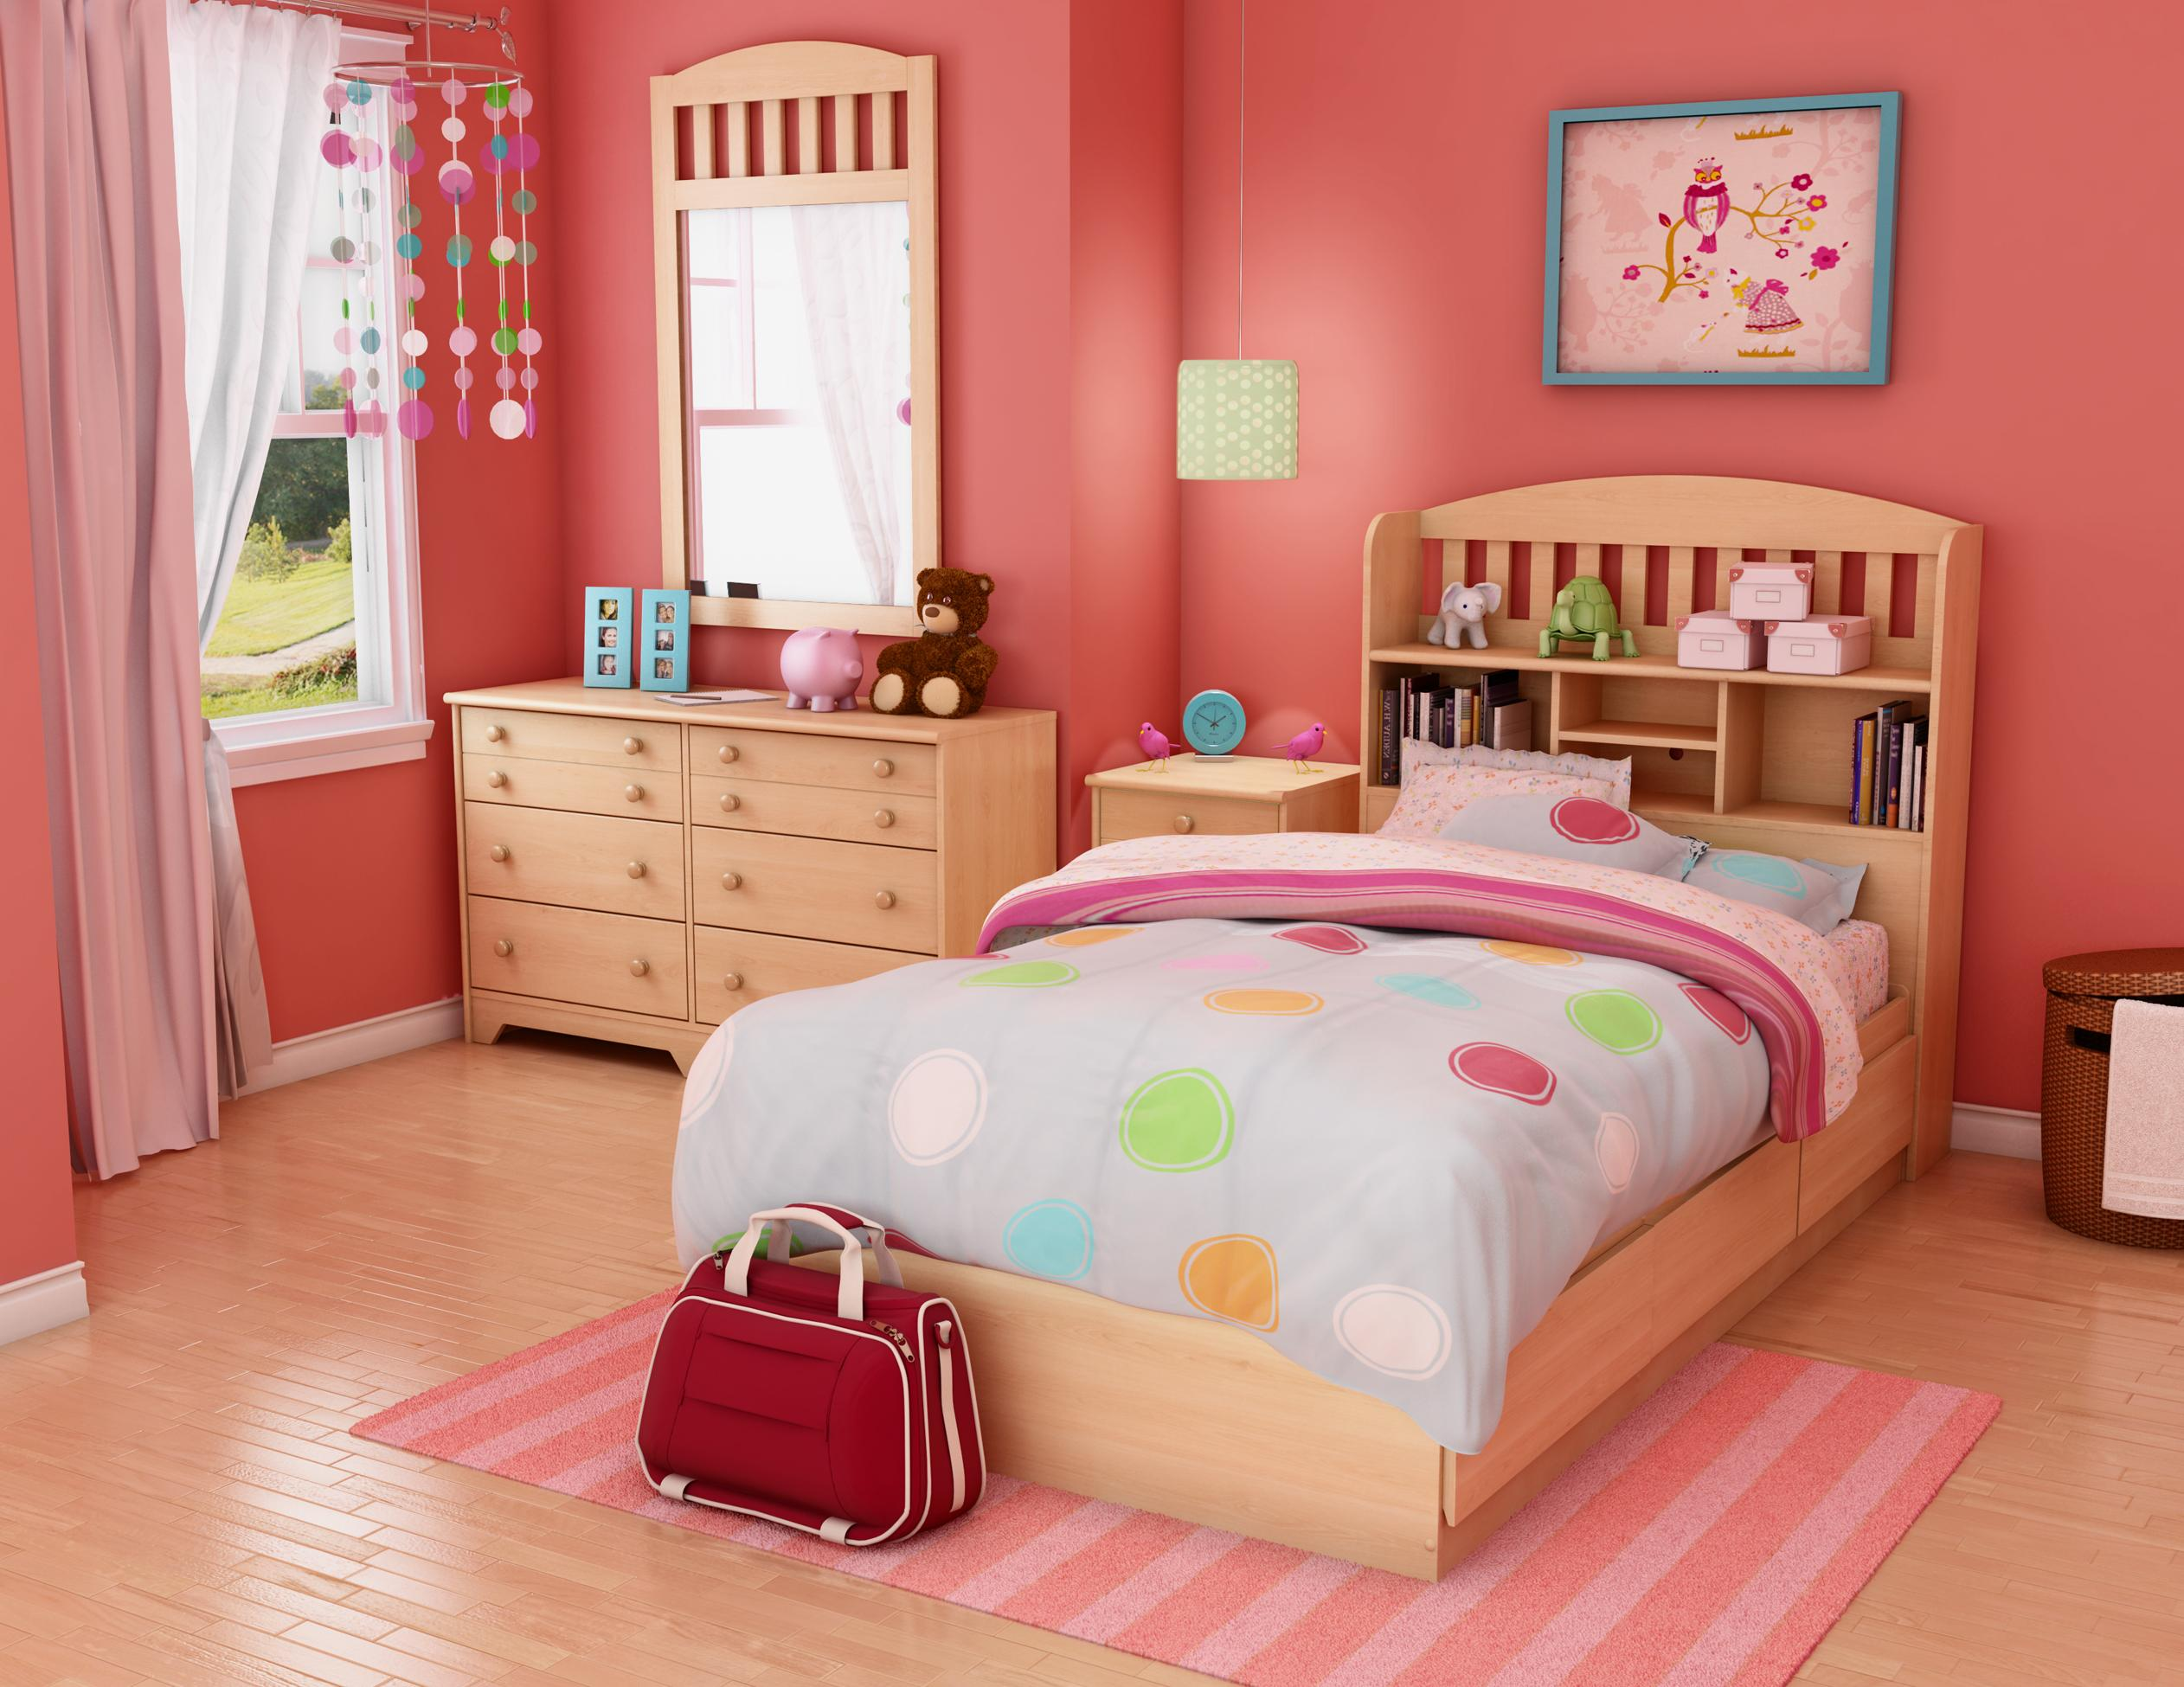 بالصور ديكورات غرف نوم اطفال , معايير ونماذج يحتاجها طفلك فى غرفته 1799 14